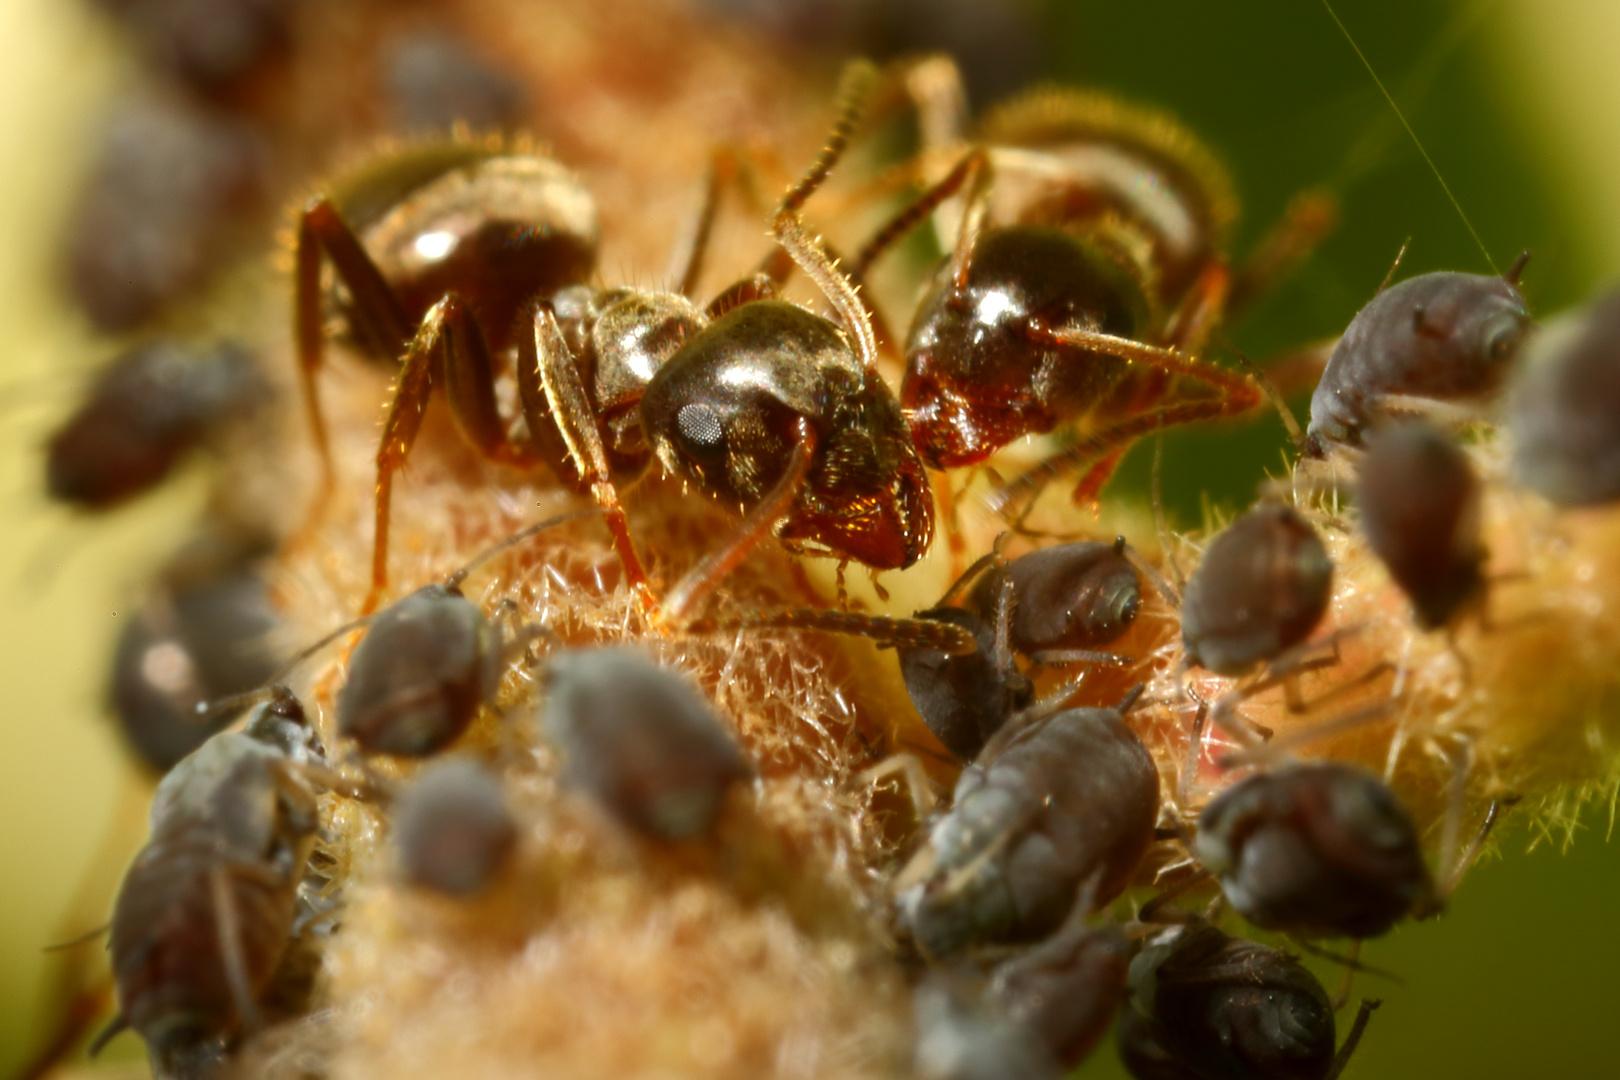 Ameisen und Blattläuse - Freunde fürs Leben (IV)